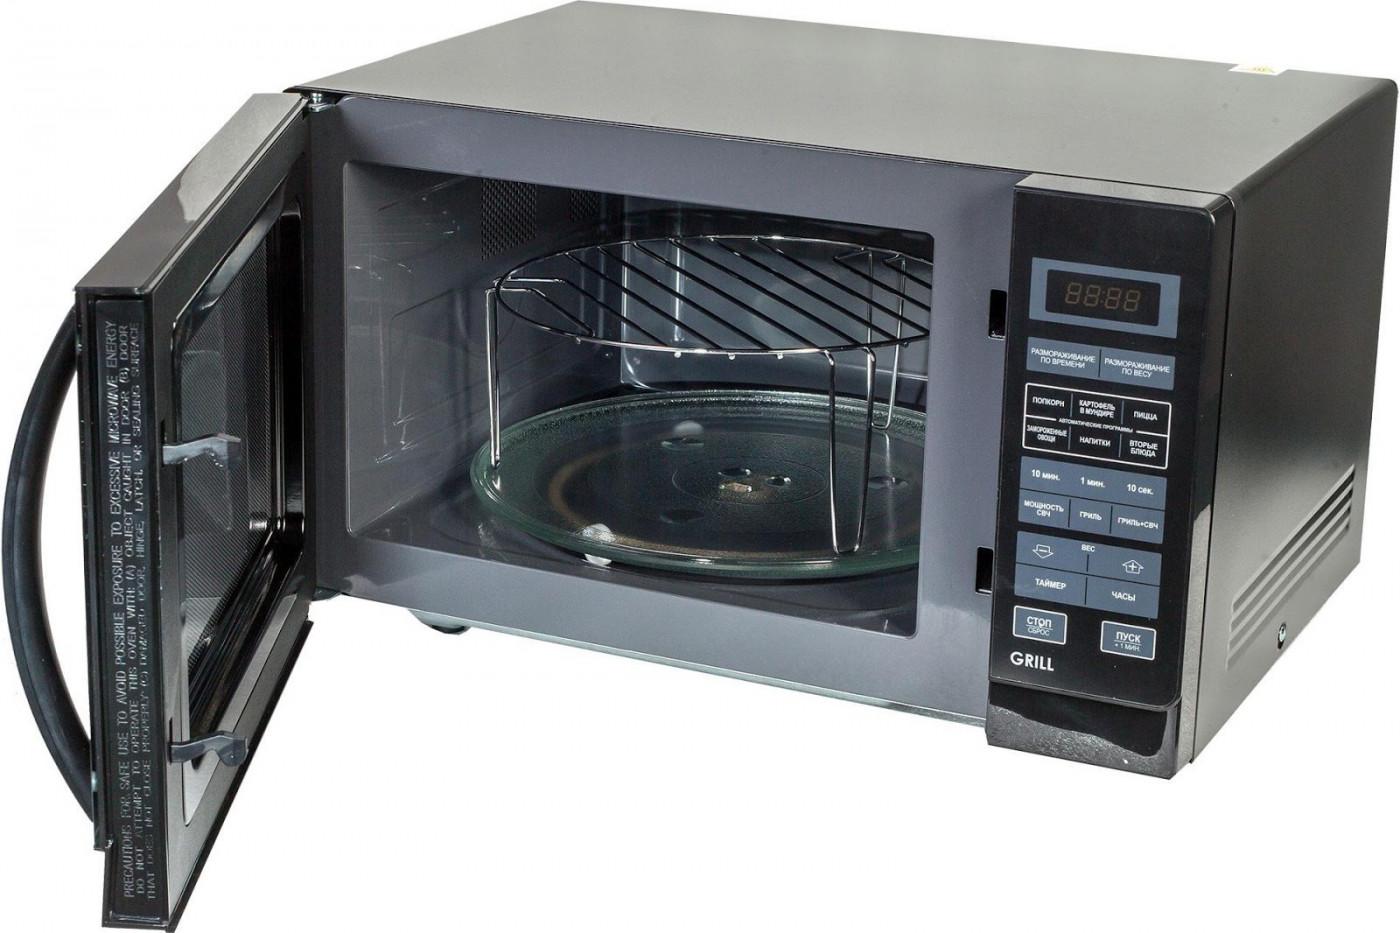 Микроволновая печь с конвекцией: что это значит? что такое конвекция? | экспертбыт